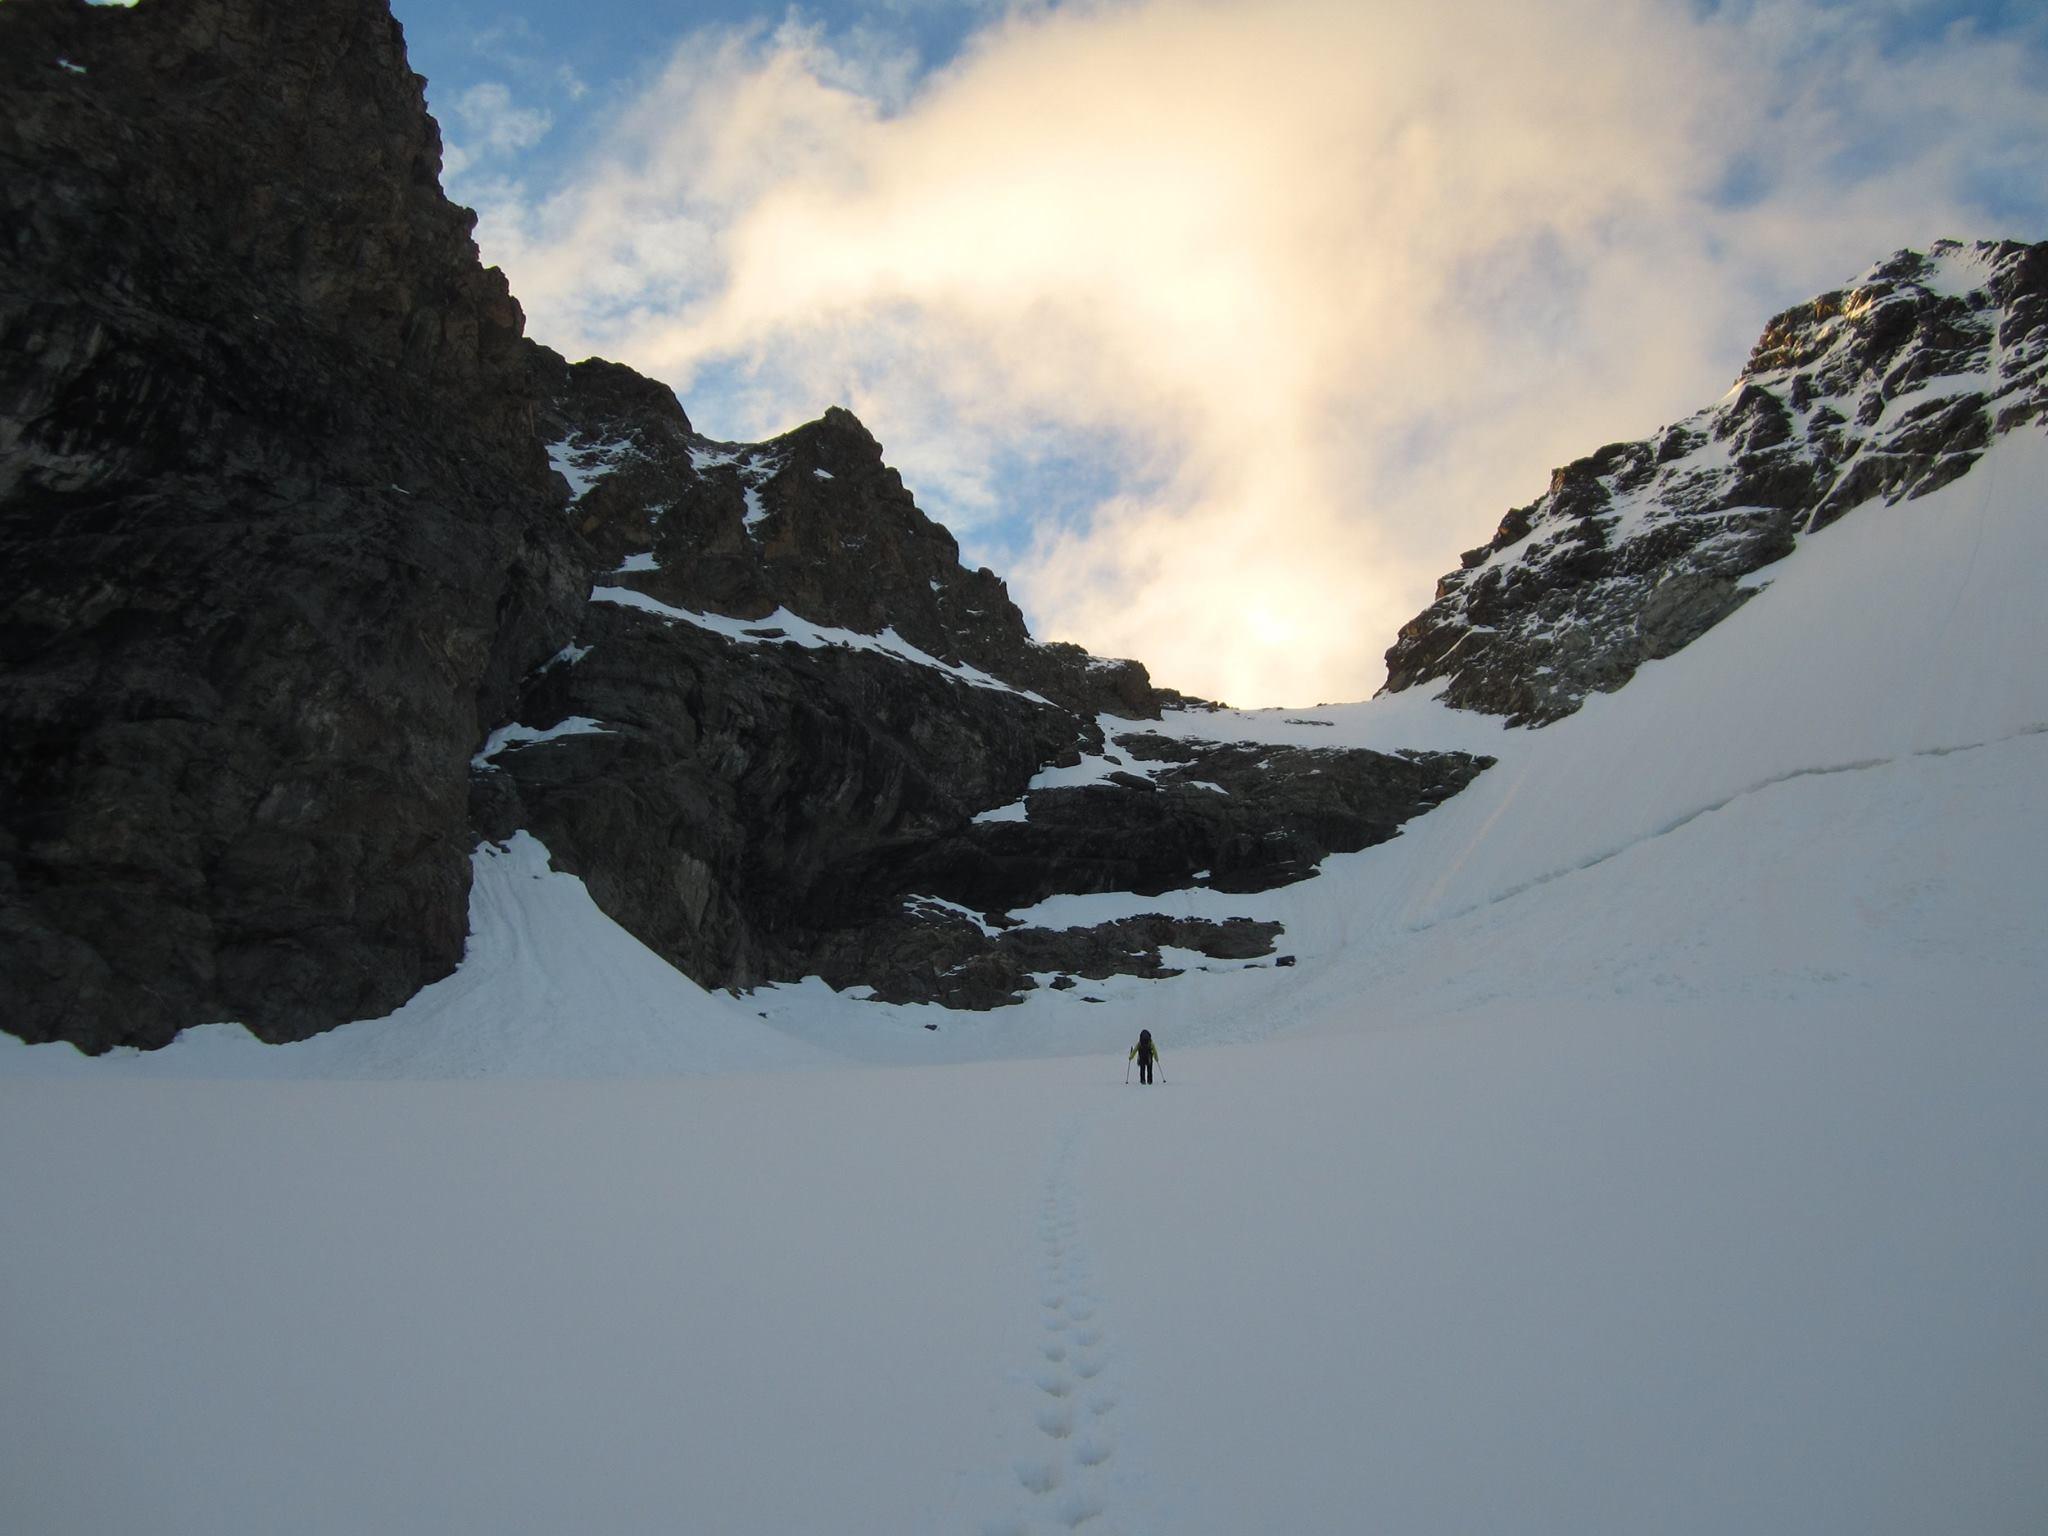 úton a beszállás fele, mi a bergschrundot választjuk